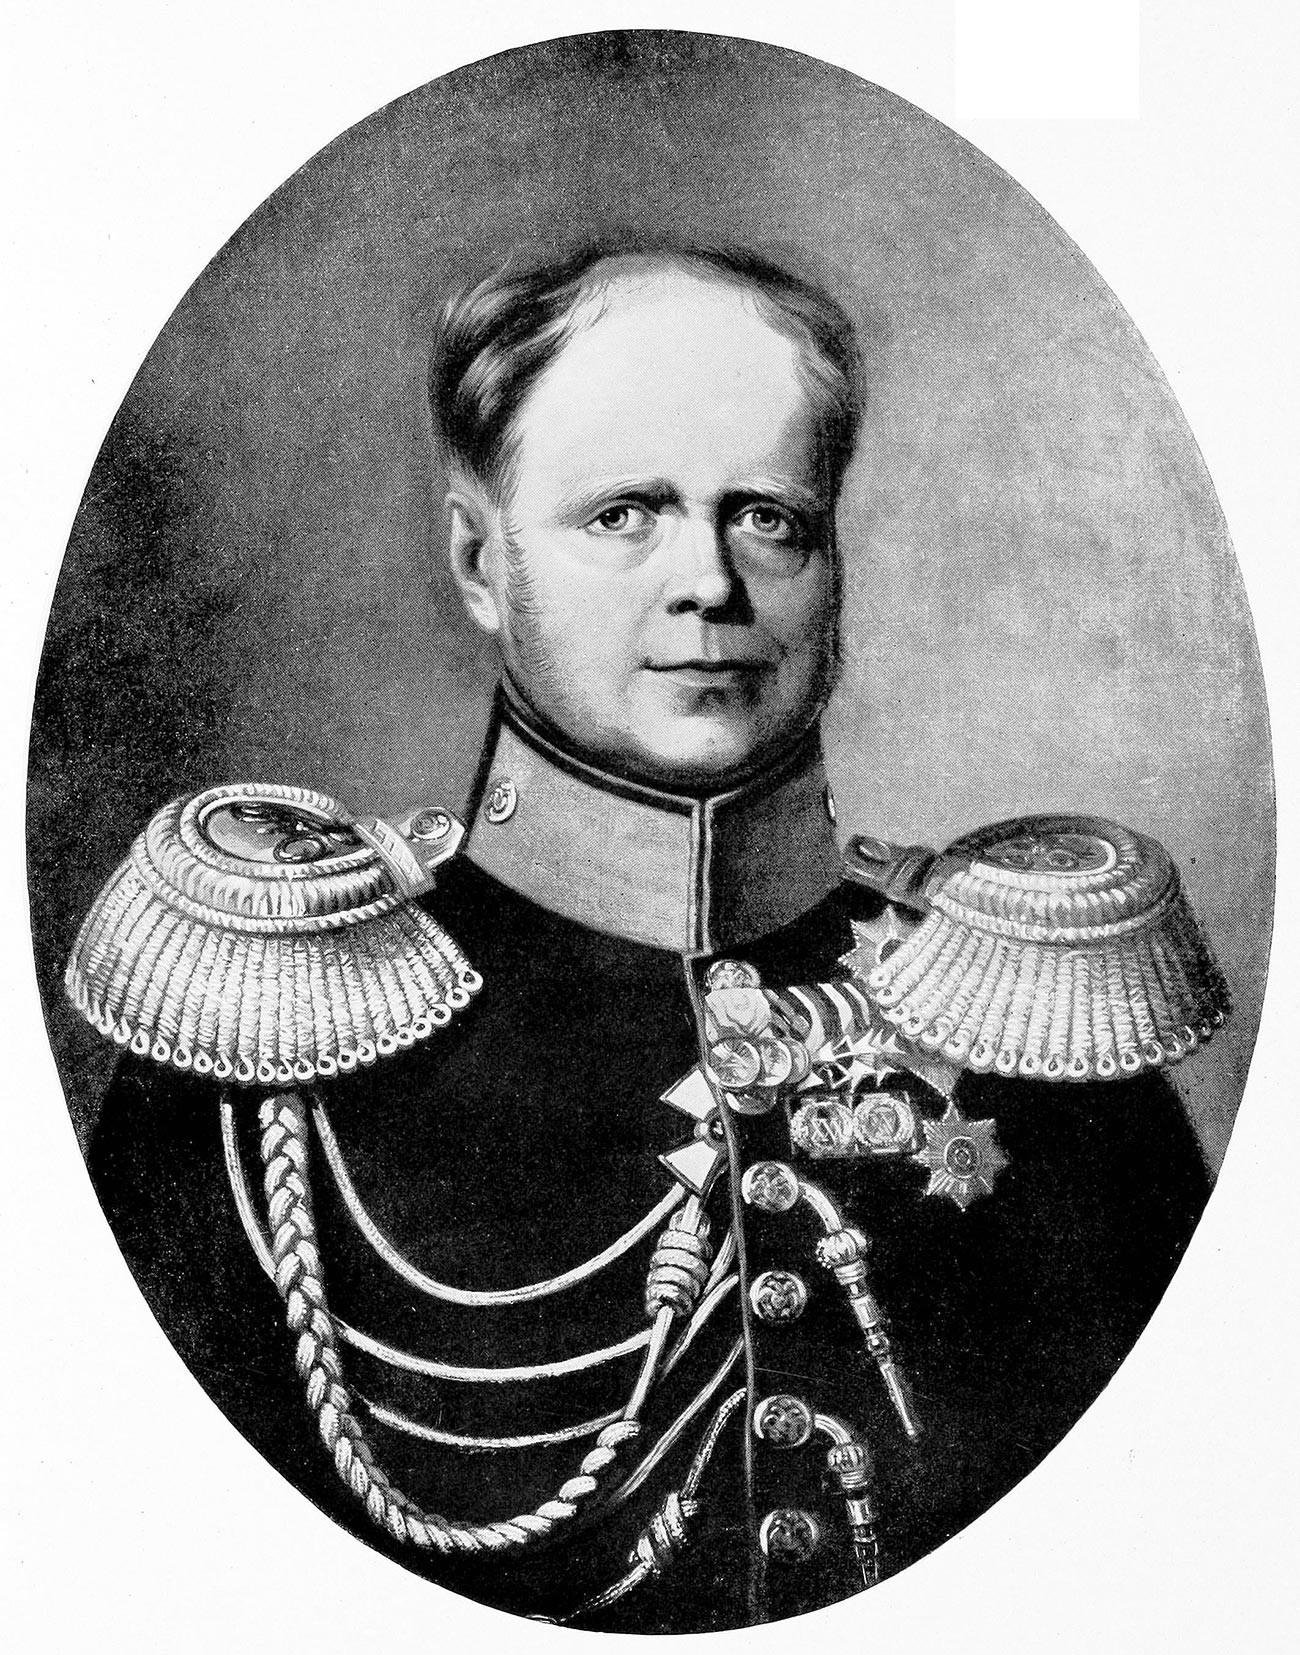 コンスタンチン・パヴロヴィチ